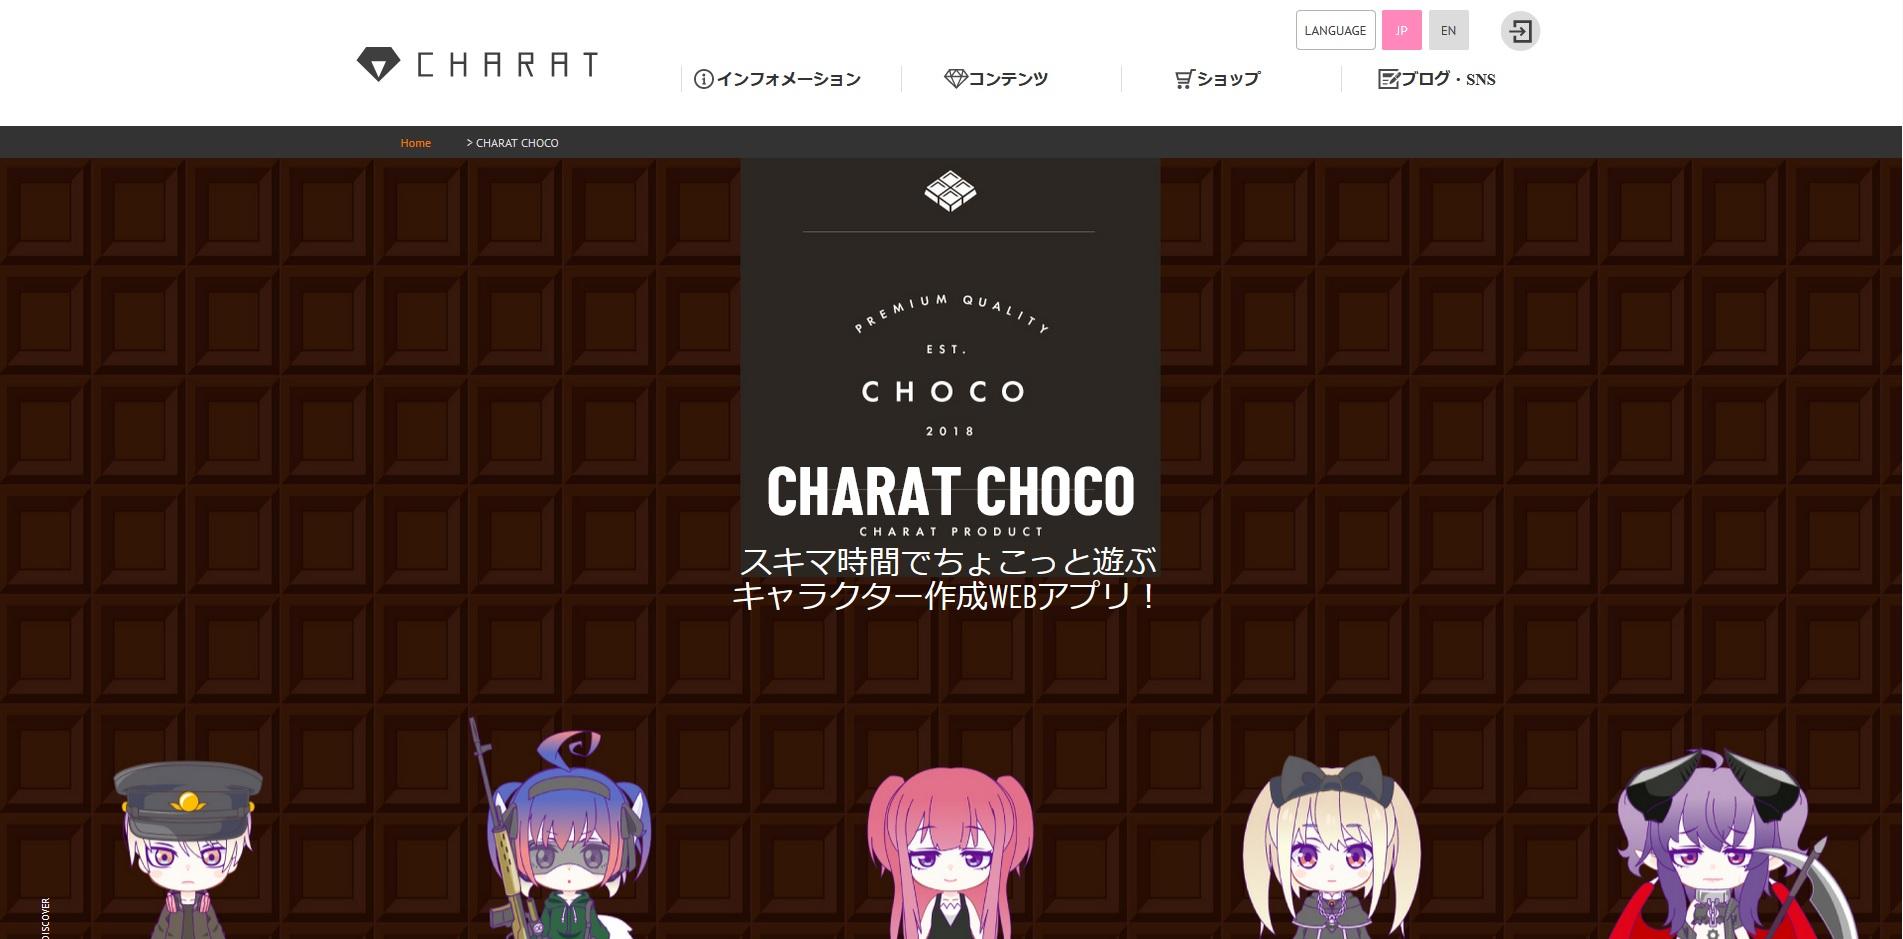 CHARAT CHOCO